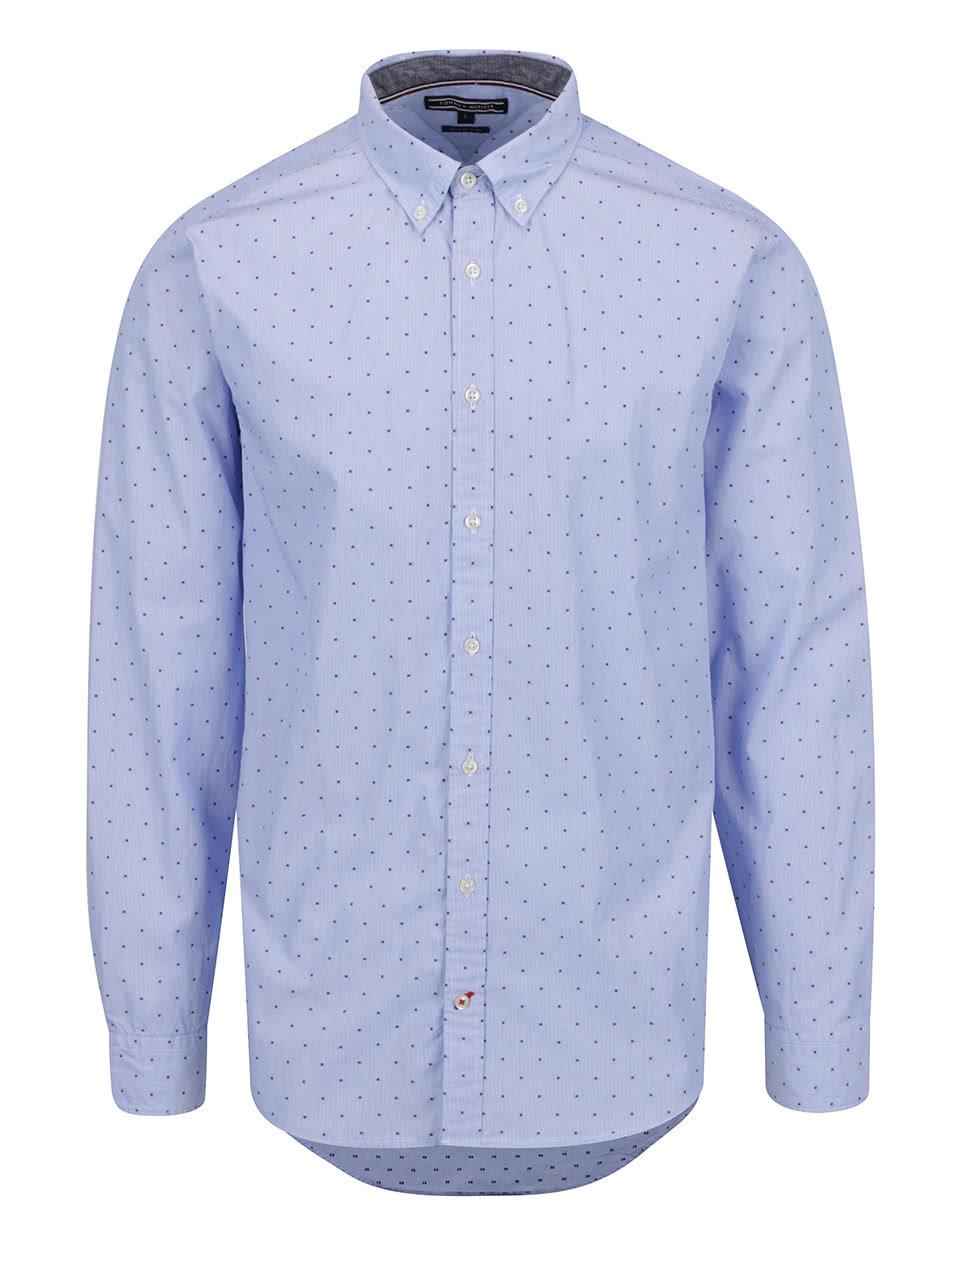 5045a3d0fe7 Modrá vzorovaná pánská košile Tommy Hilfiger ...